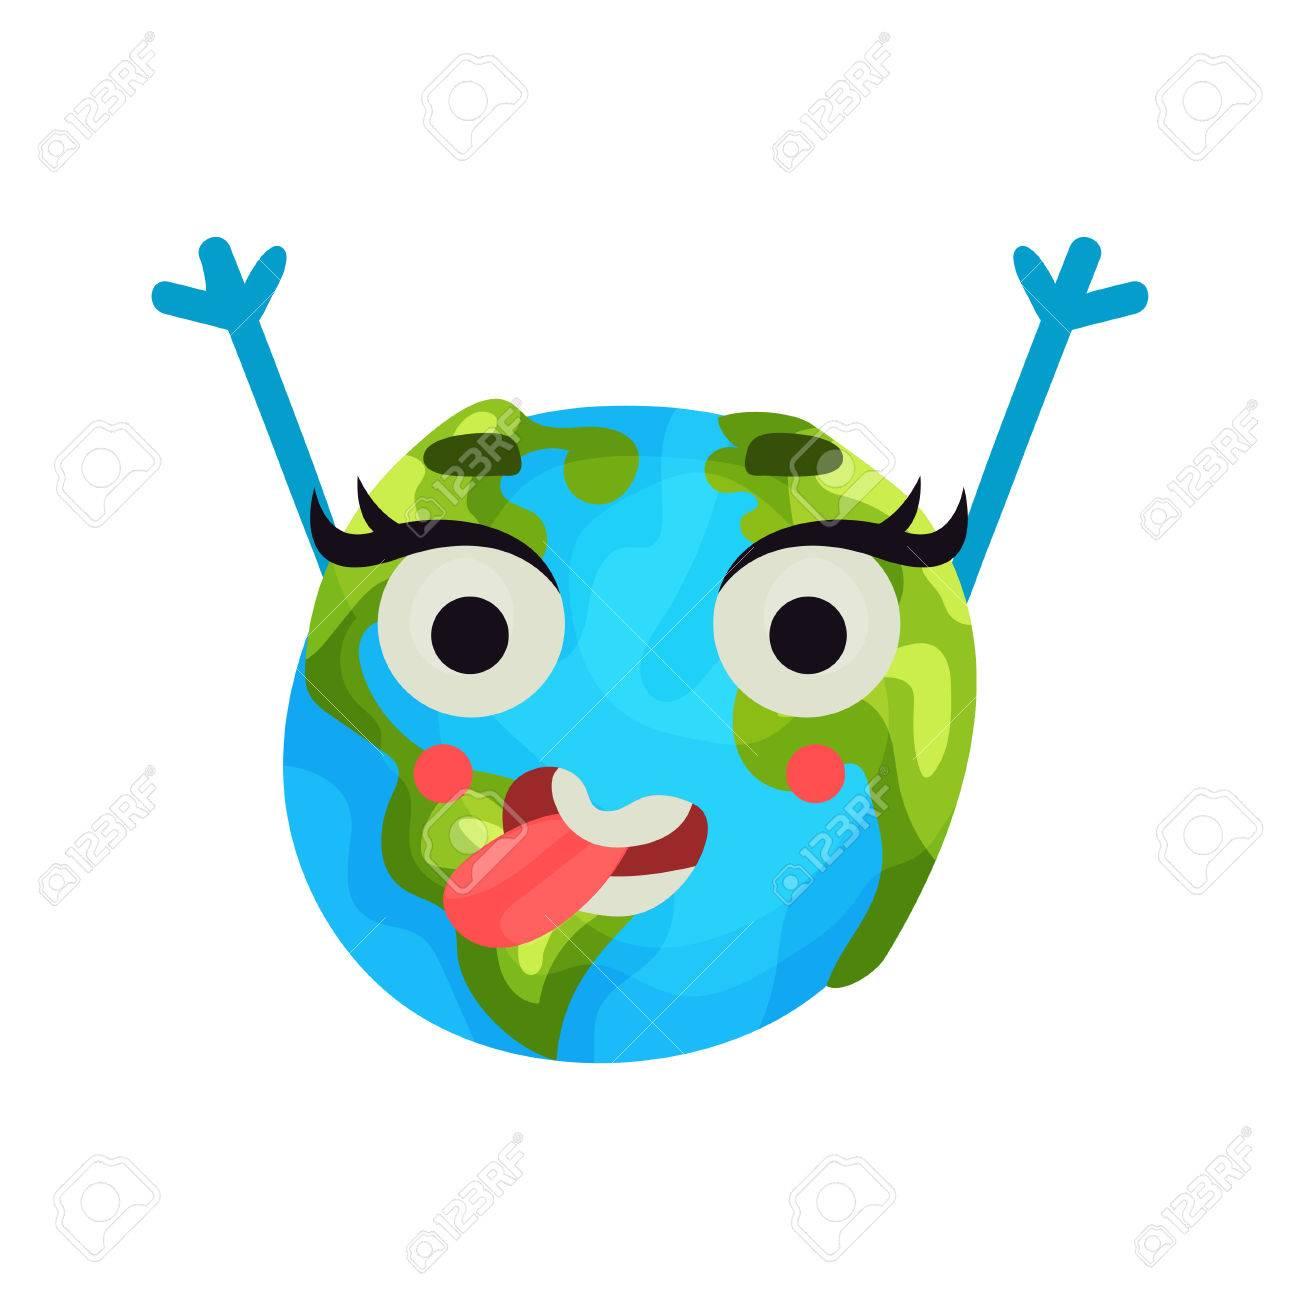 banque dimages dessin anim mignon plante terre heureuse emoji levant les mains personnage de globe humanis avec vecteur color des motions - Dessin Avec Emoji